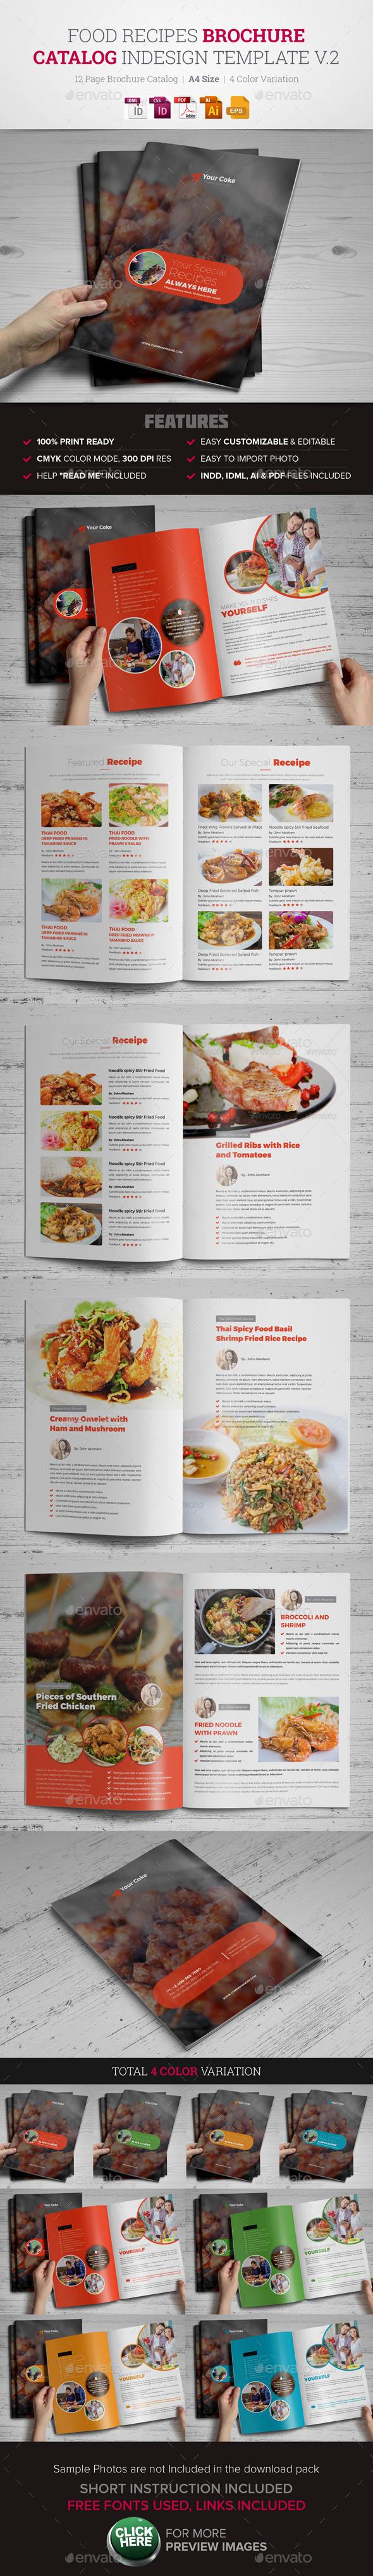 Food Recipes Brochure Catalog InDesign v.2